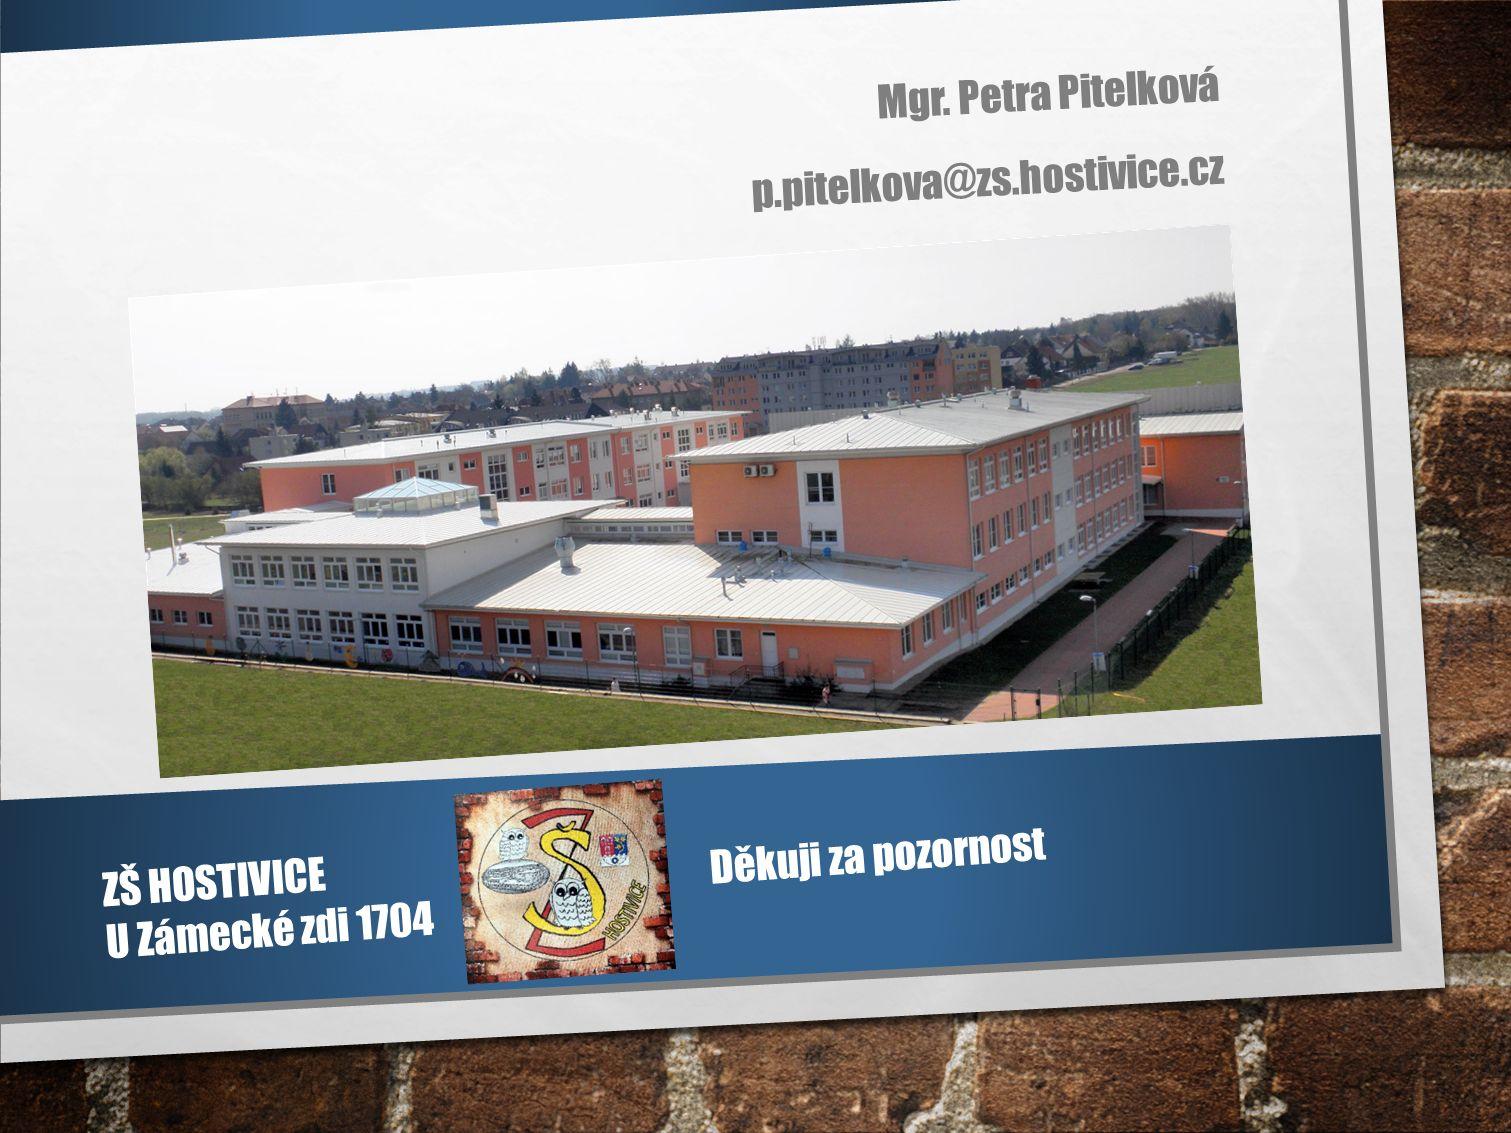 Mgr. Petra Pitelková p.pitelkova@zs.hostivice.cz ZŠ HOSTIVICE U Zámecké zdi 1704 Děkuji za pozornost